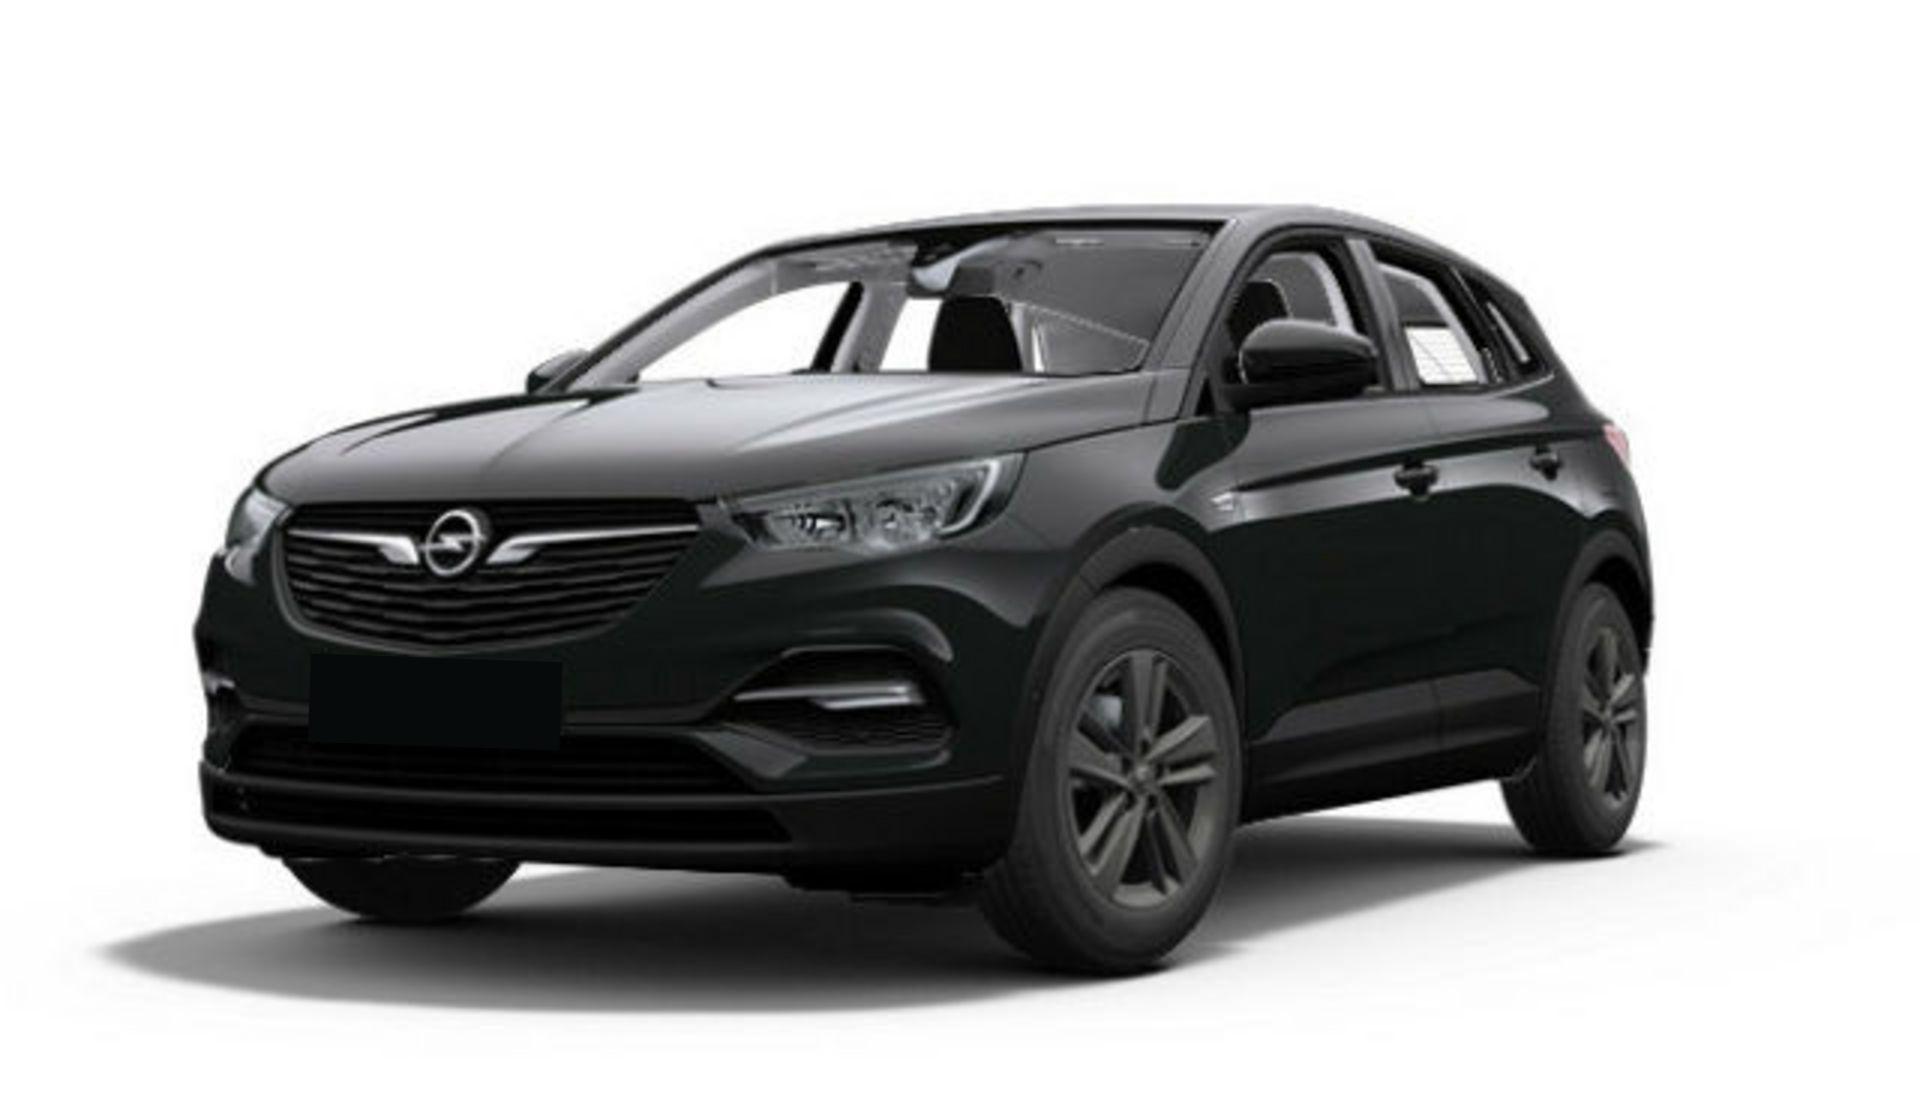 Opel Grandland X (130 PS)189,00€ / Monat - *Nur Gewerbekunden*alle Werte zzgl. der jeweiligen Umsatzsteuer